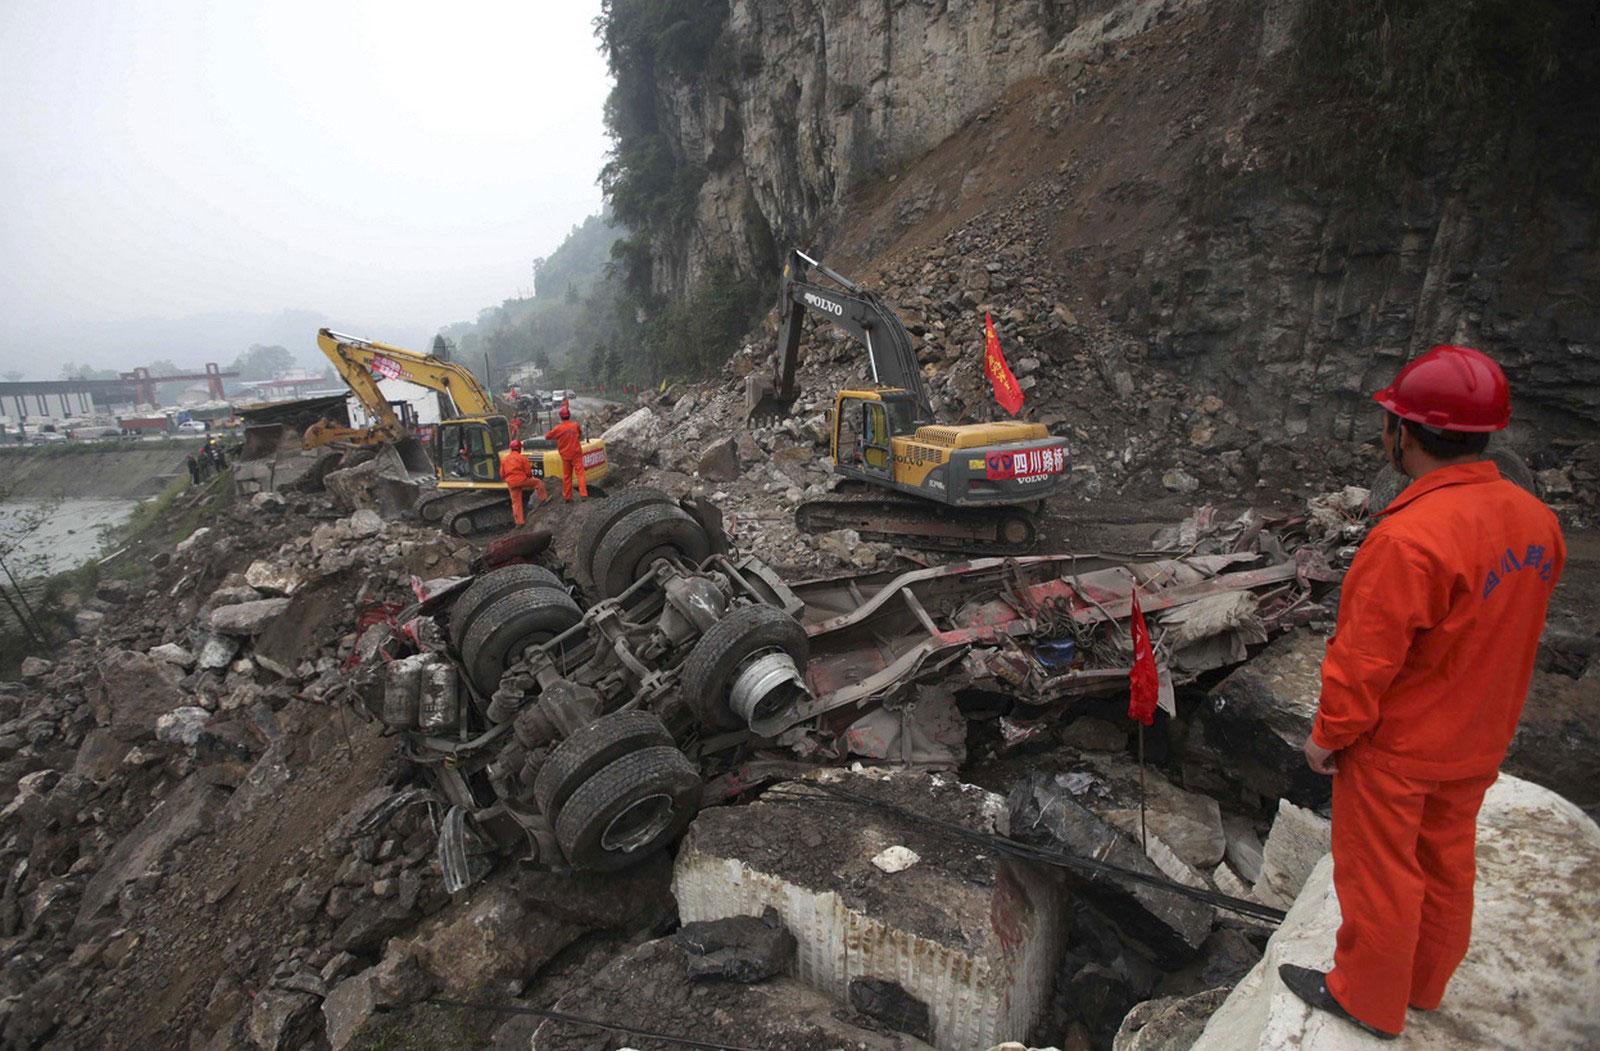 Экскаваторы расчищают дорогу после оползня в Китае